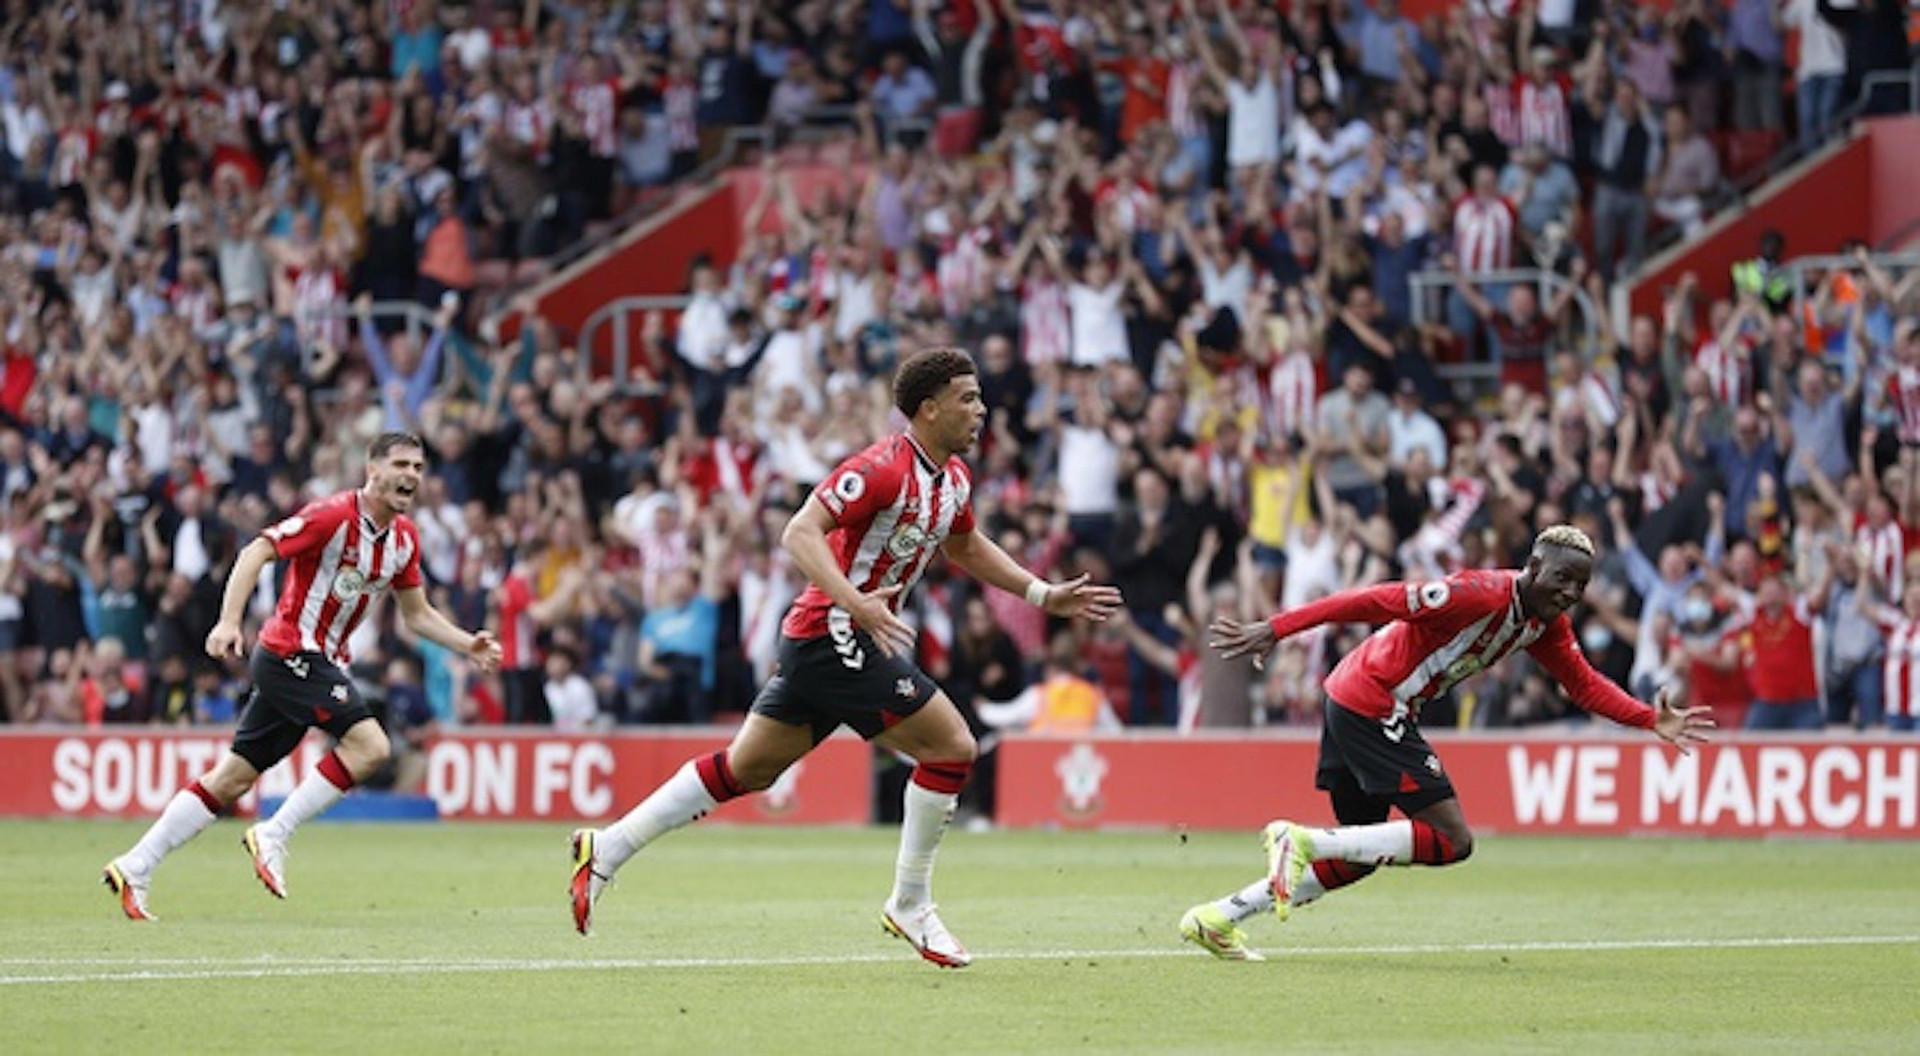 Bruno Fernandes mờ nhạt, Man Utd mất ngôi đầu bảng Ngoại hạng Anh  - 2